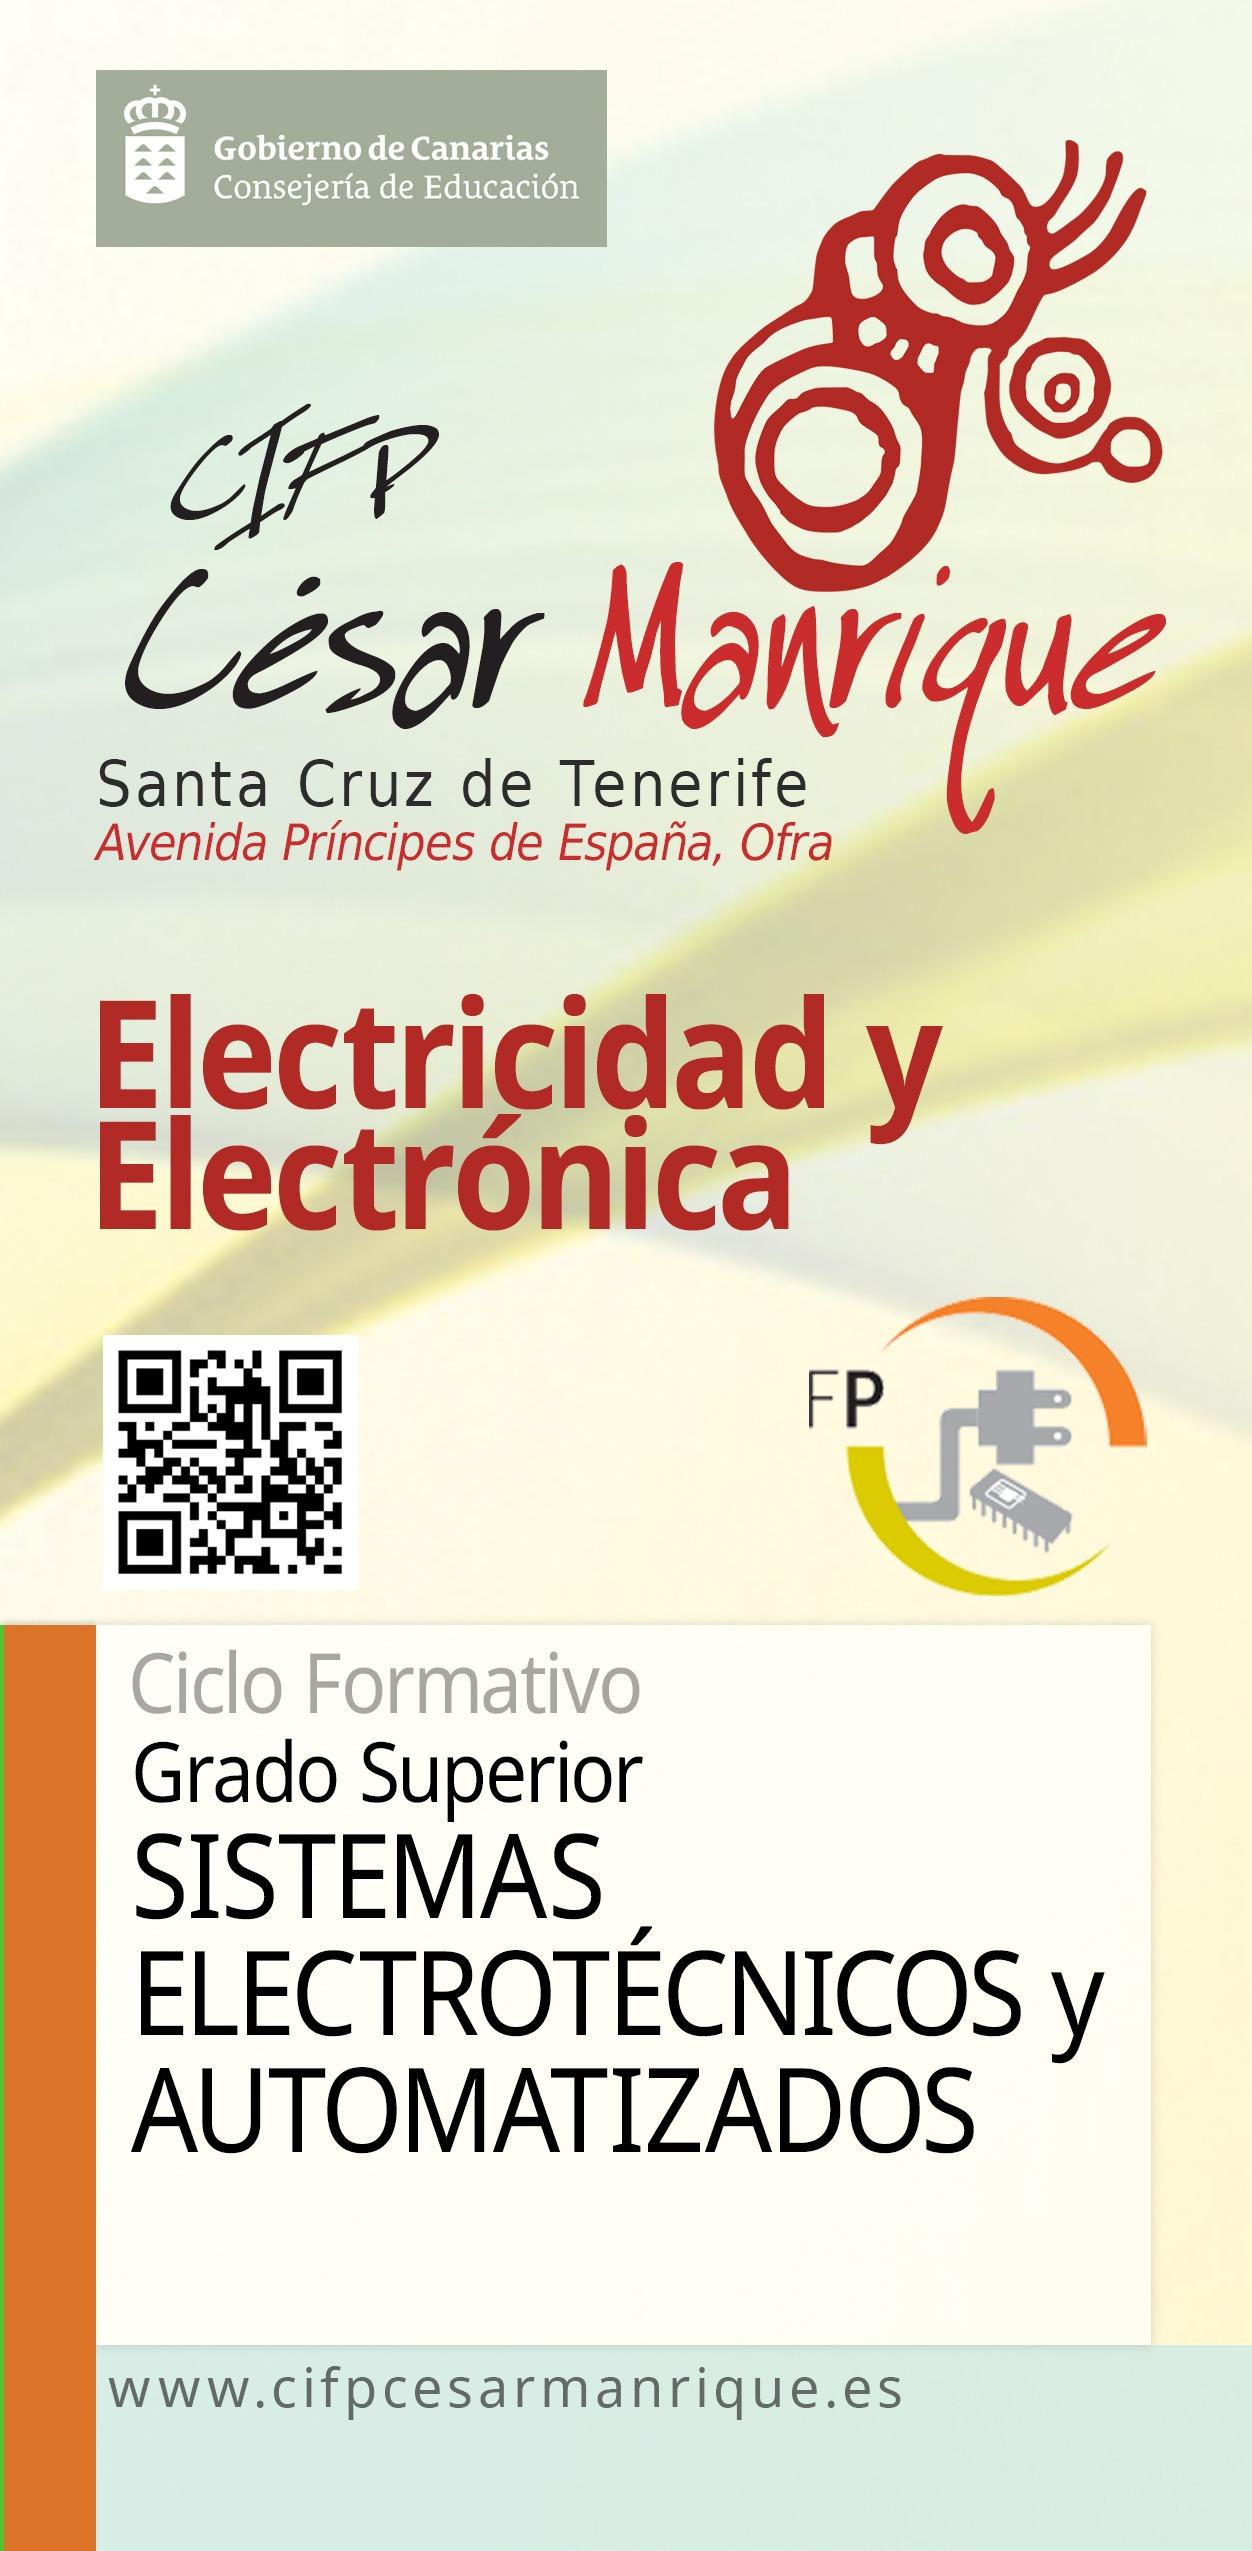 Grado Superior Sistemas Electrónicos y Automatizados